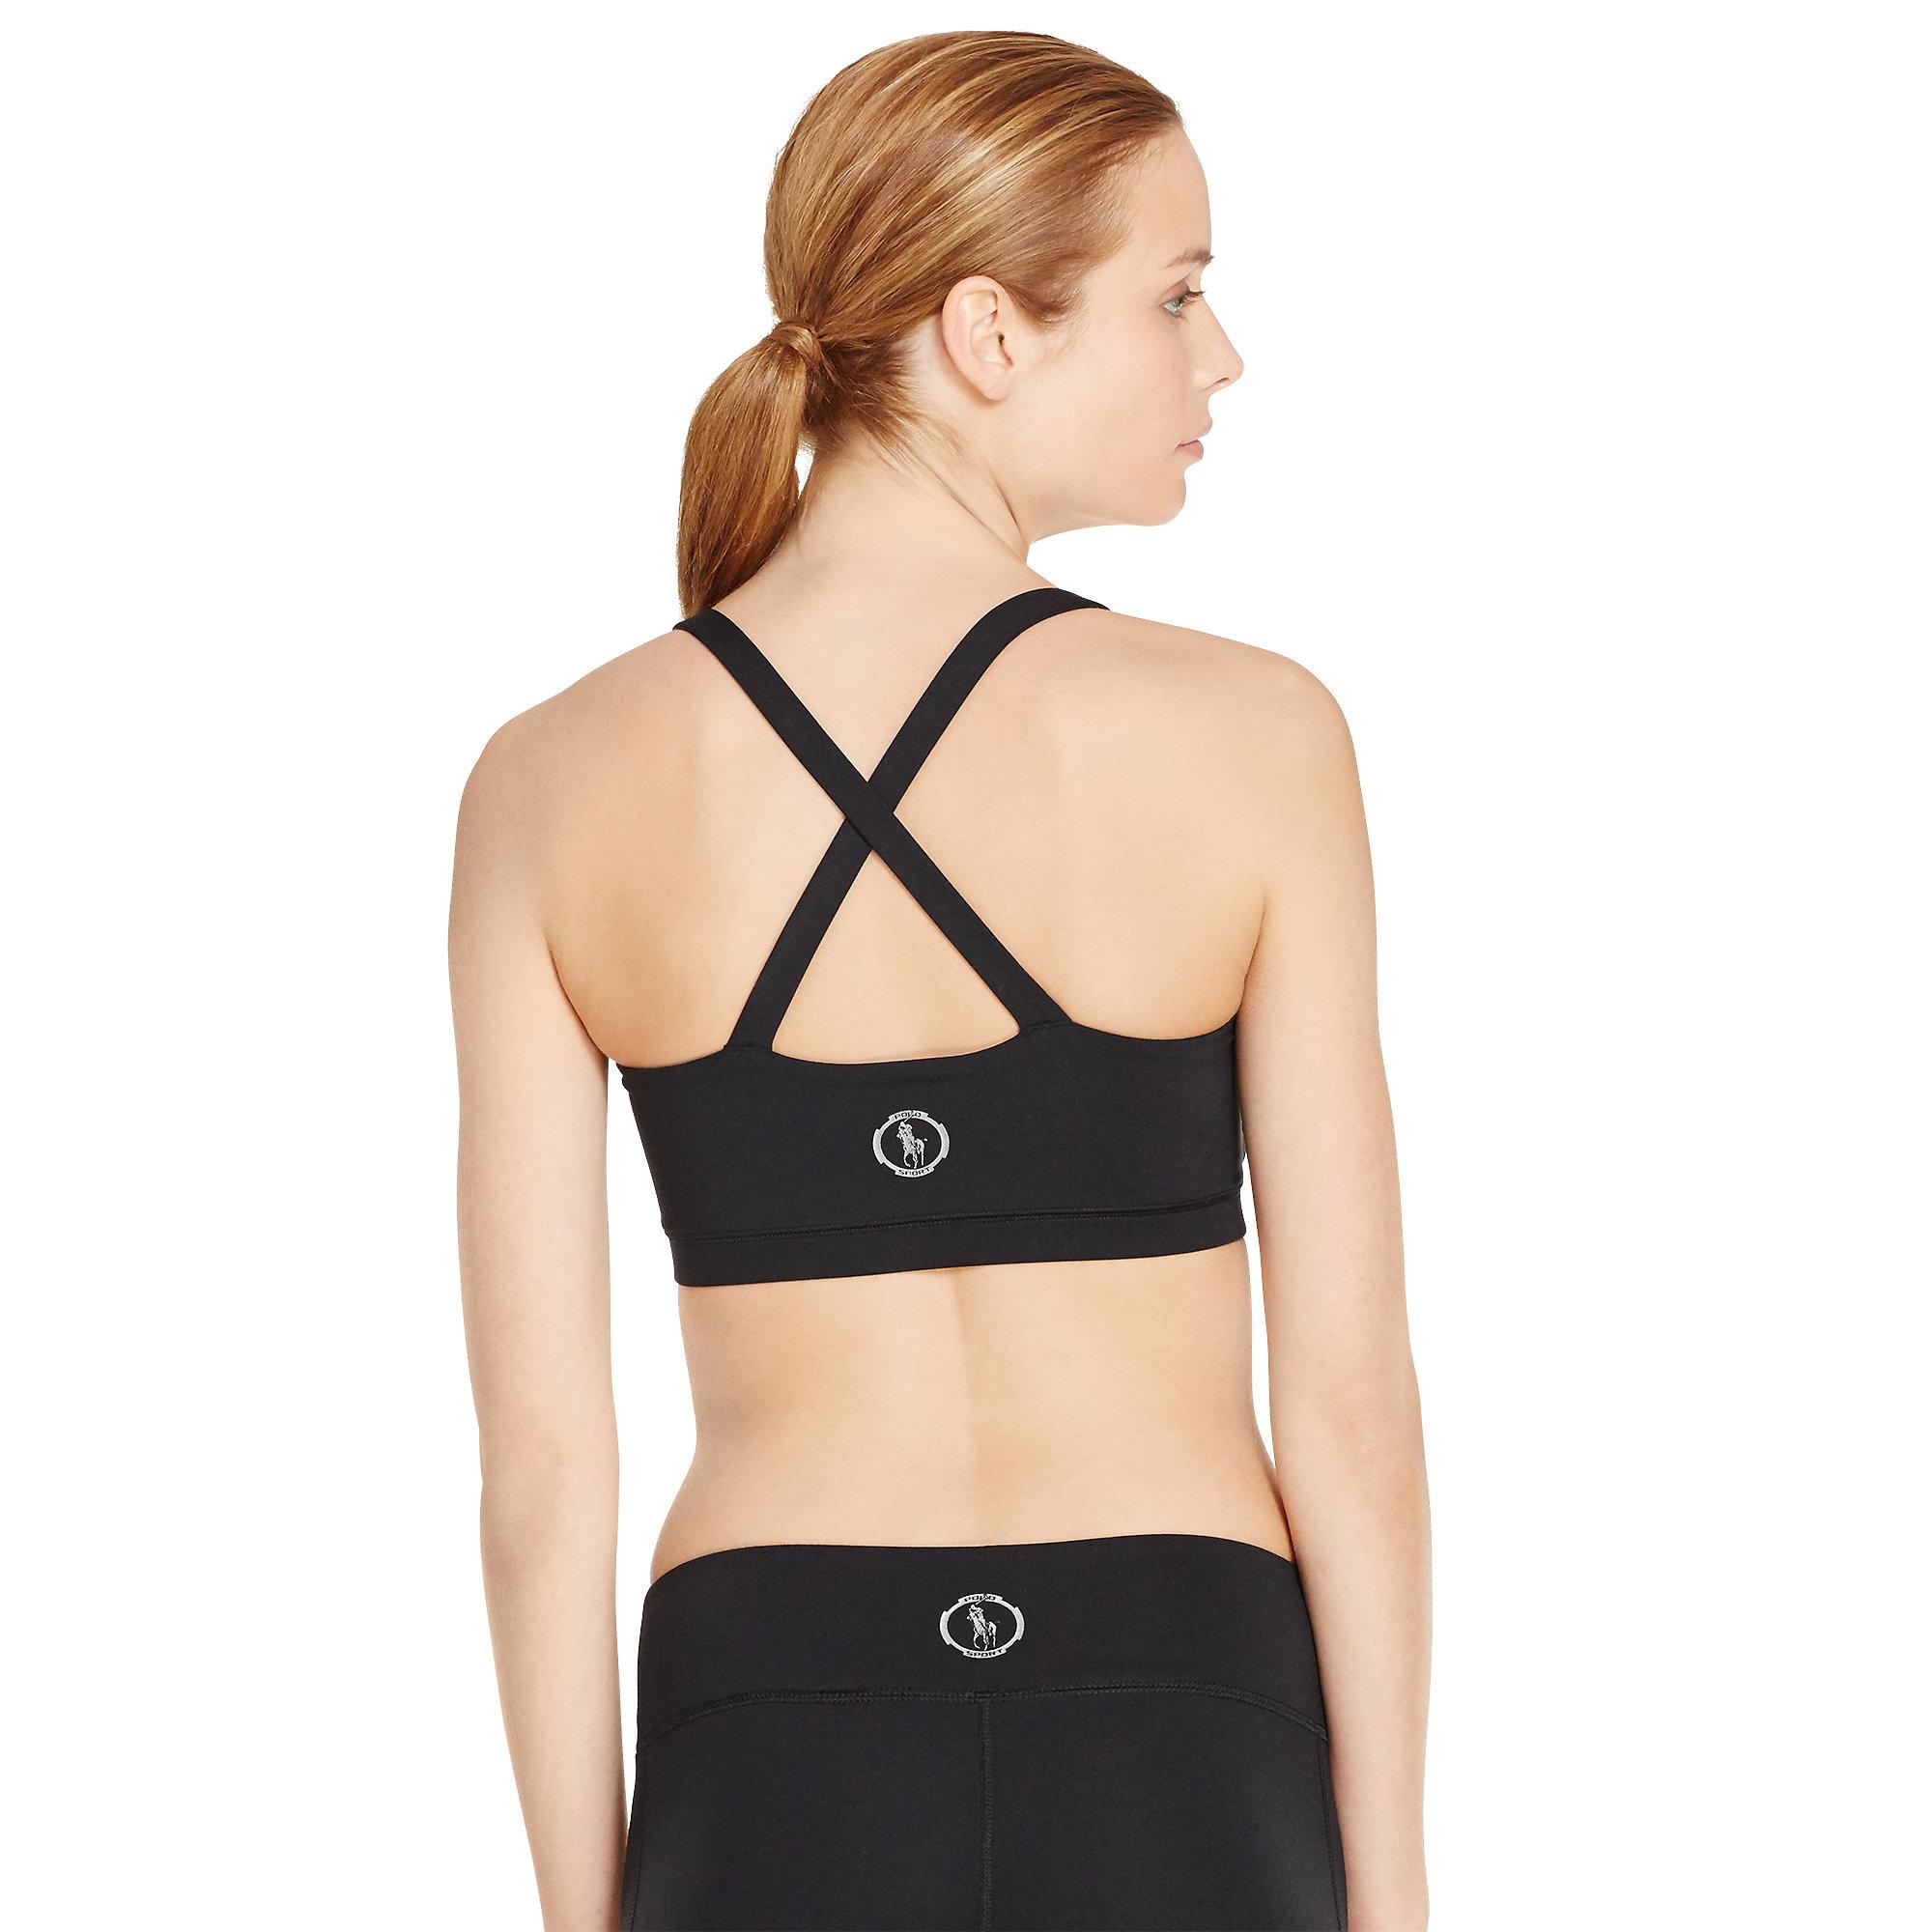 2b96e1146d Lyst - Polo Ralph Lauren Cross-back Sports Bra in Black